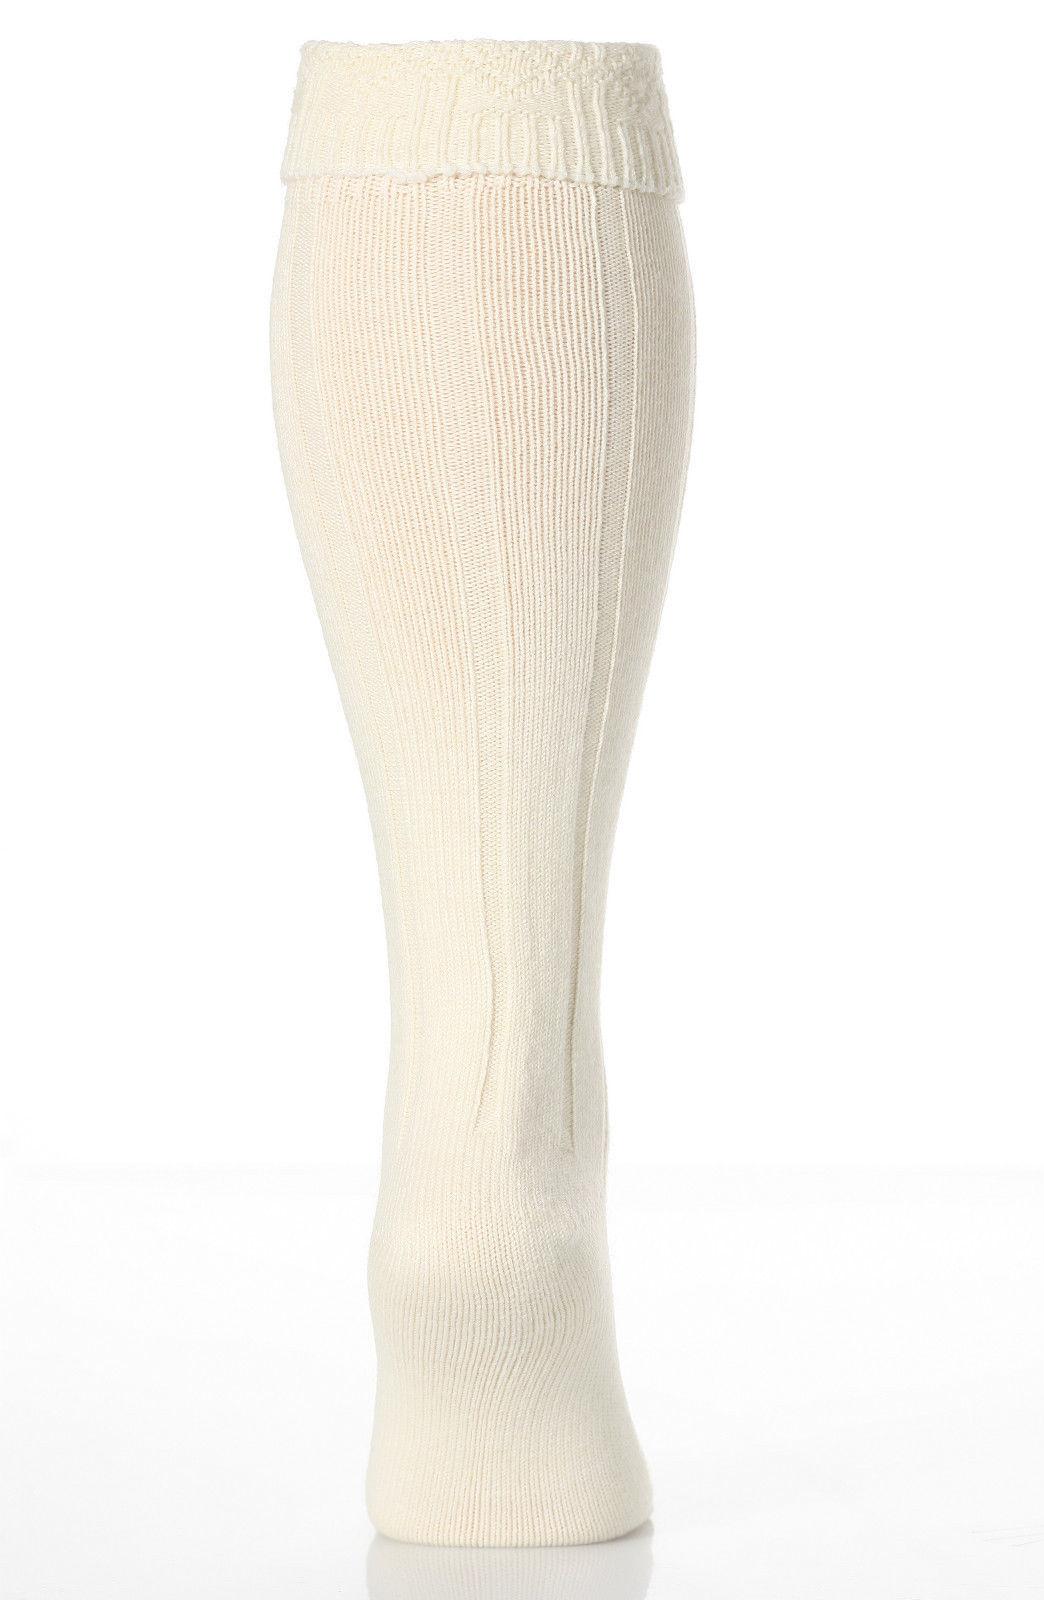 Hombre De Lana Crema Larga Calcetines De Falda Escocesa Ceremonia De La Boda